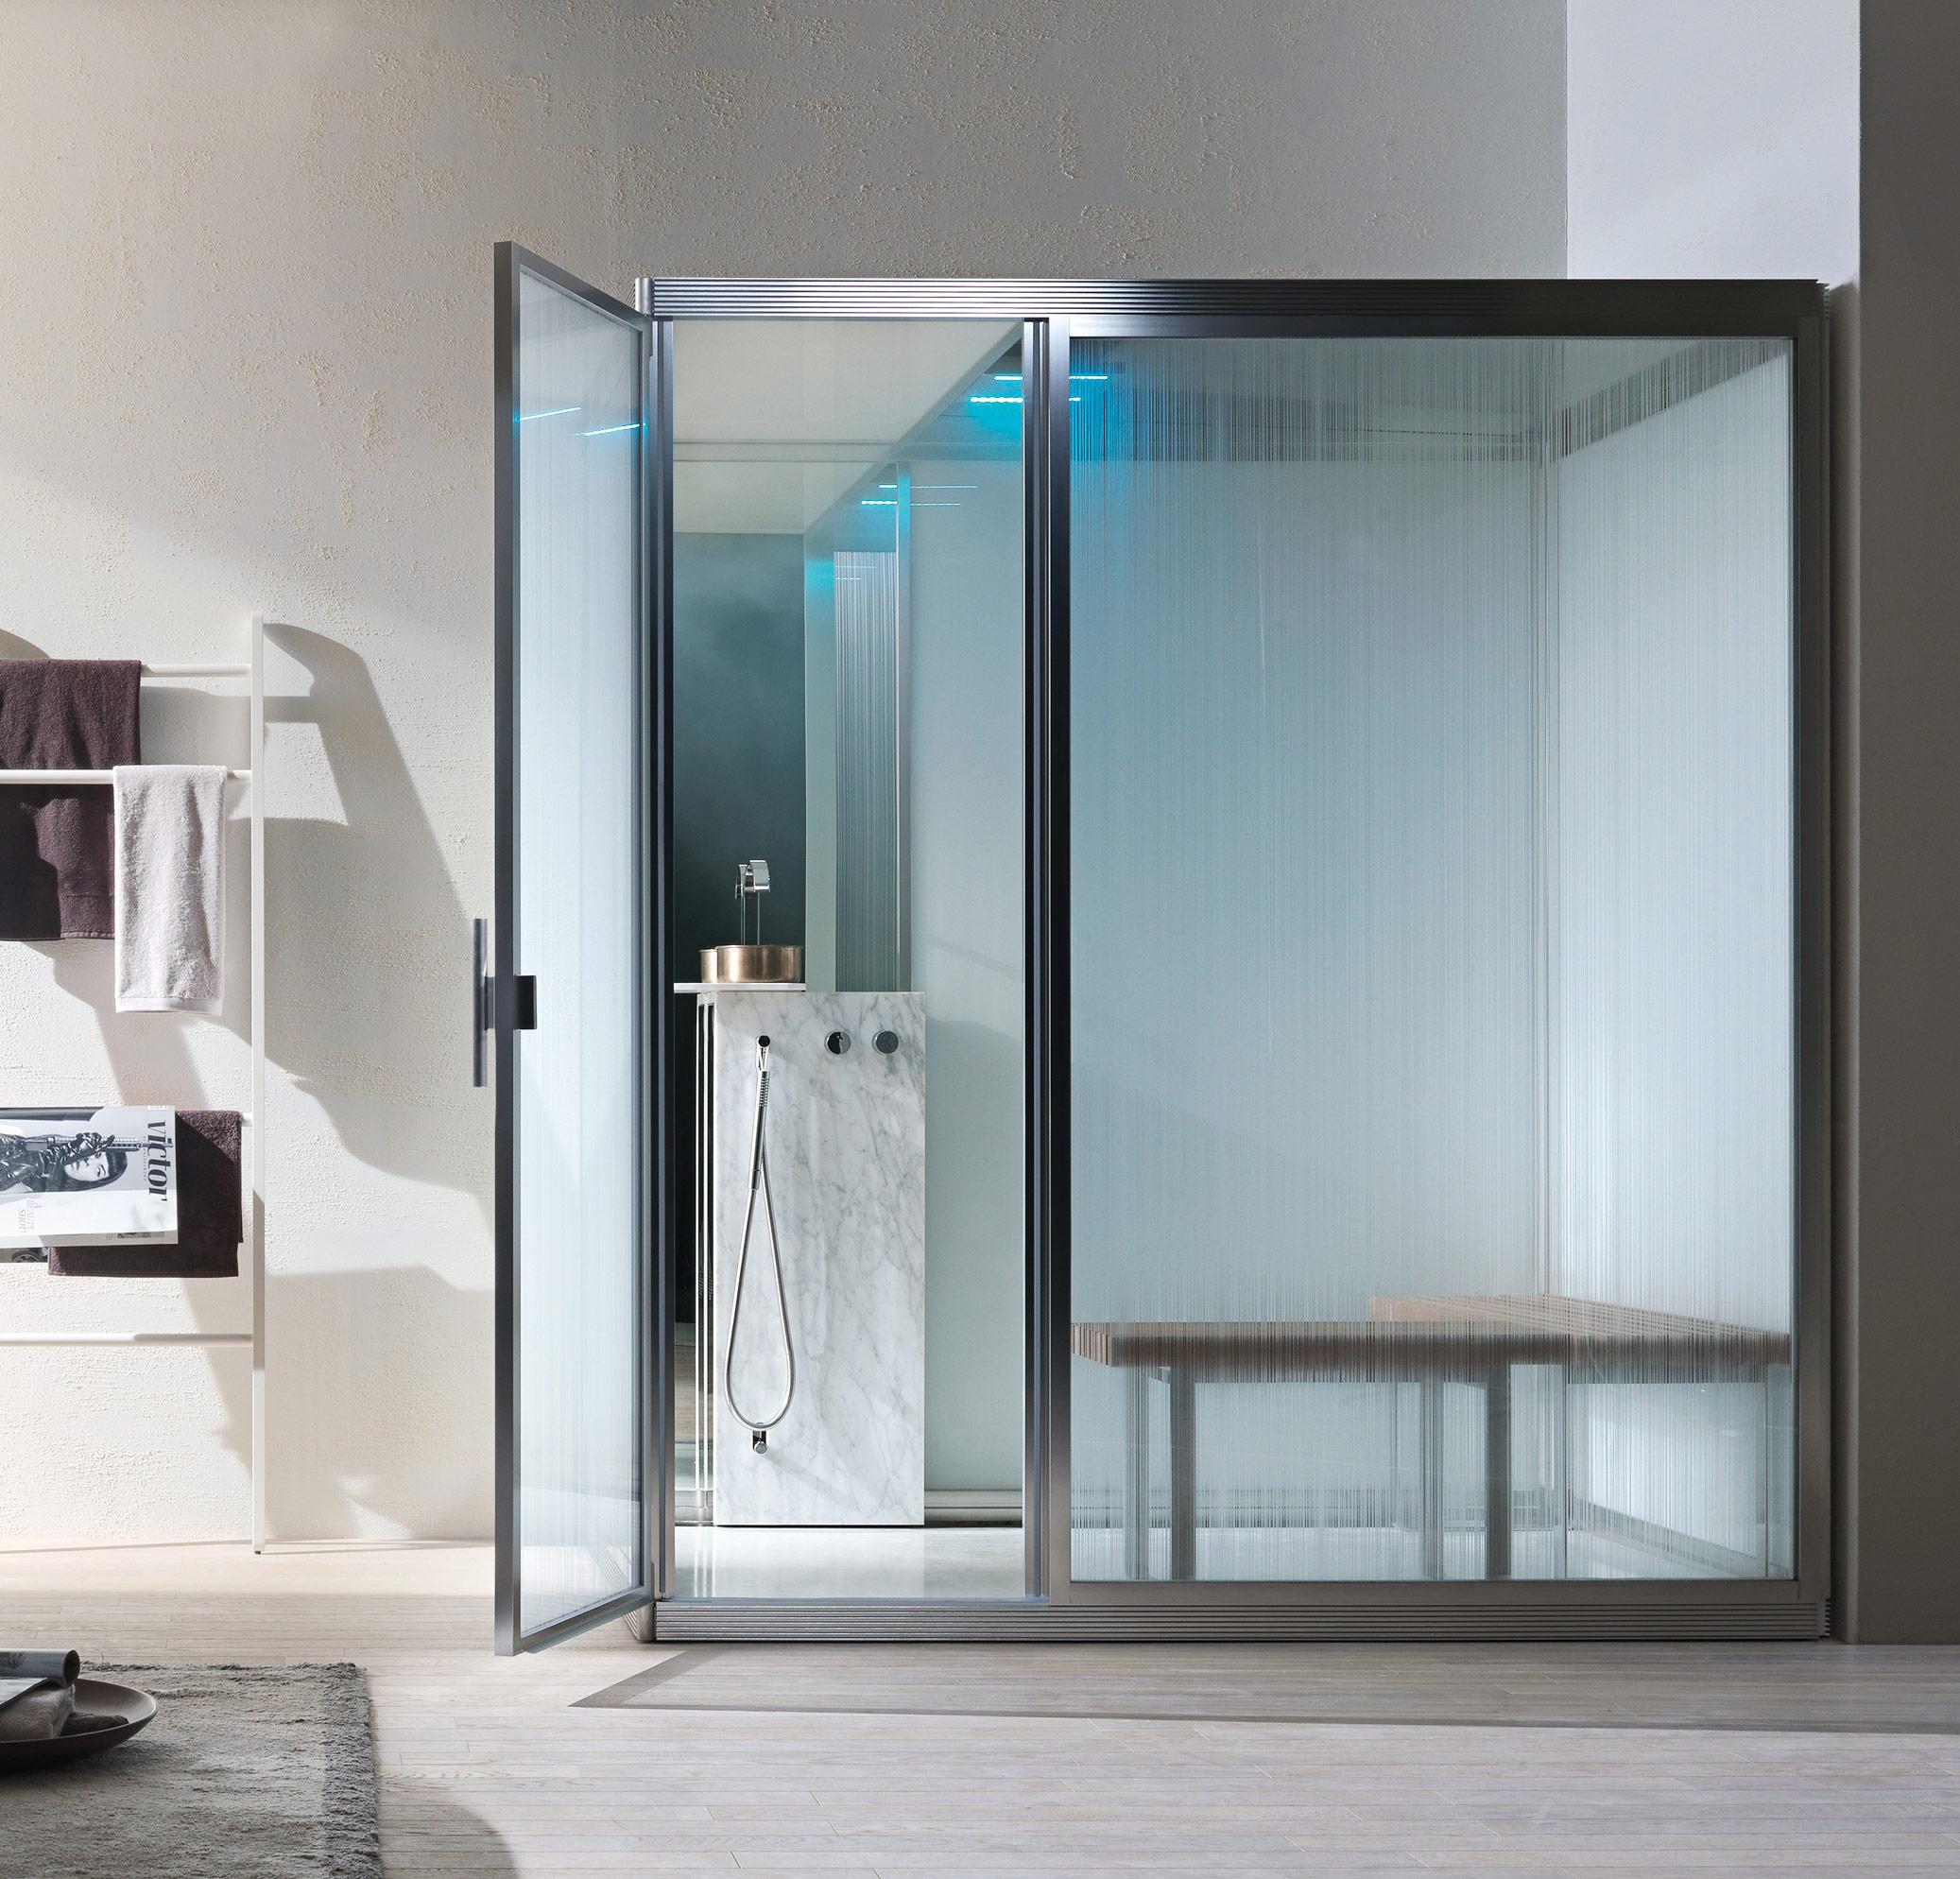 bagno turco benessere design tecnologica vapore marmo carrara pareti di fondo a specchio e vetri effetto rain